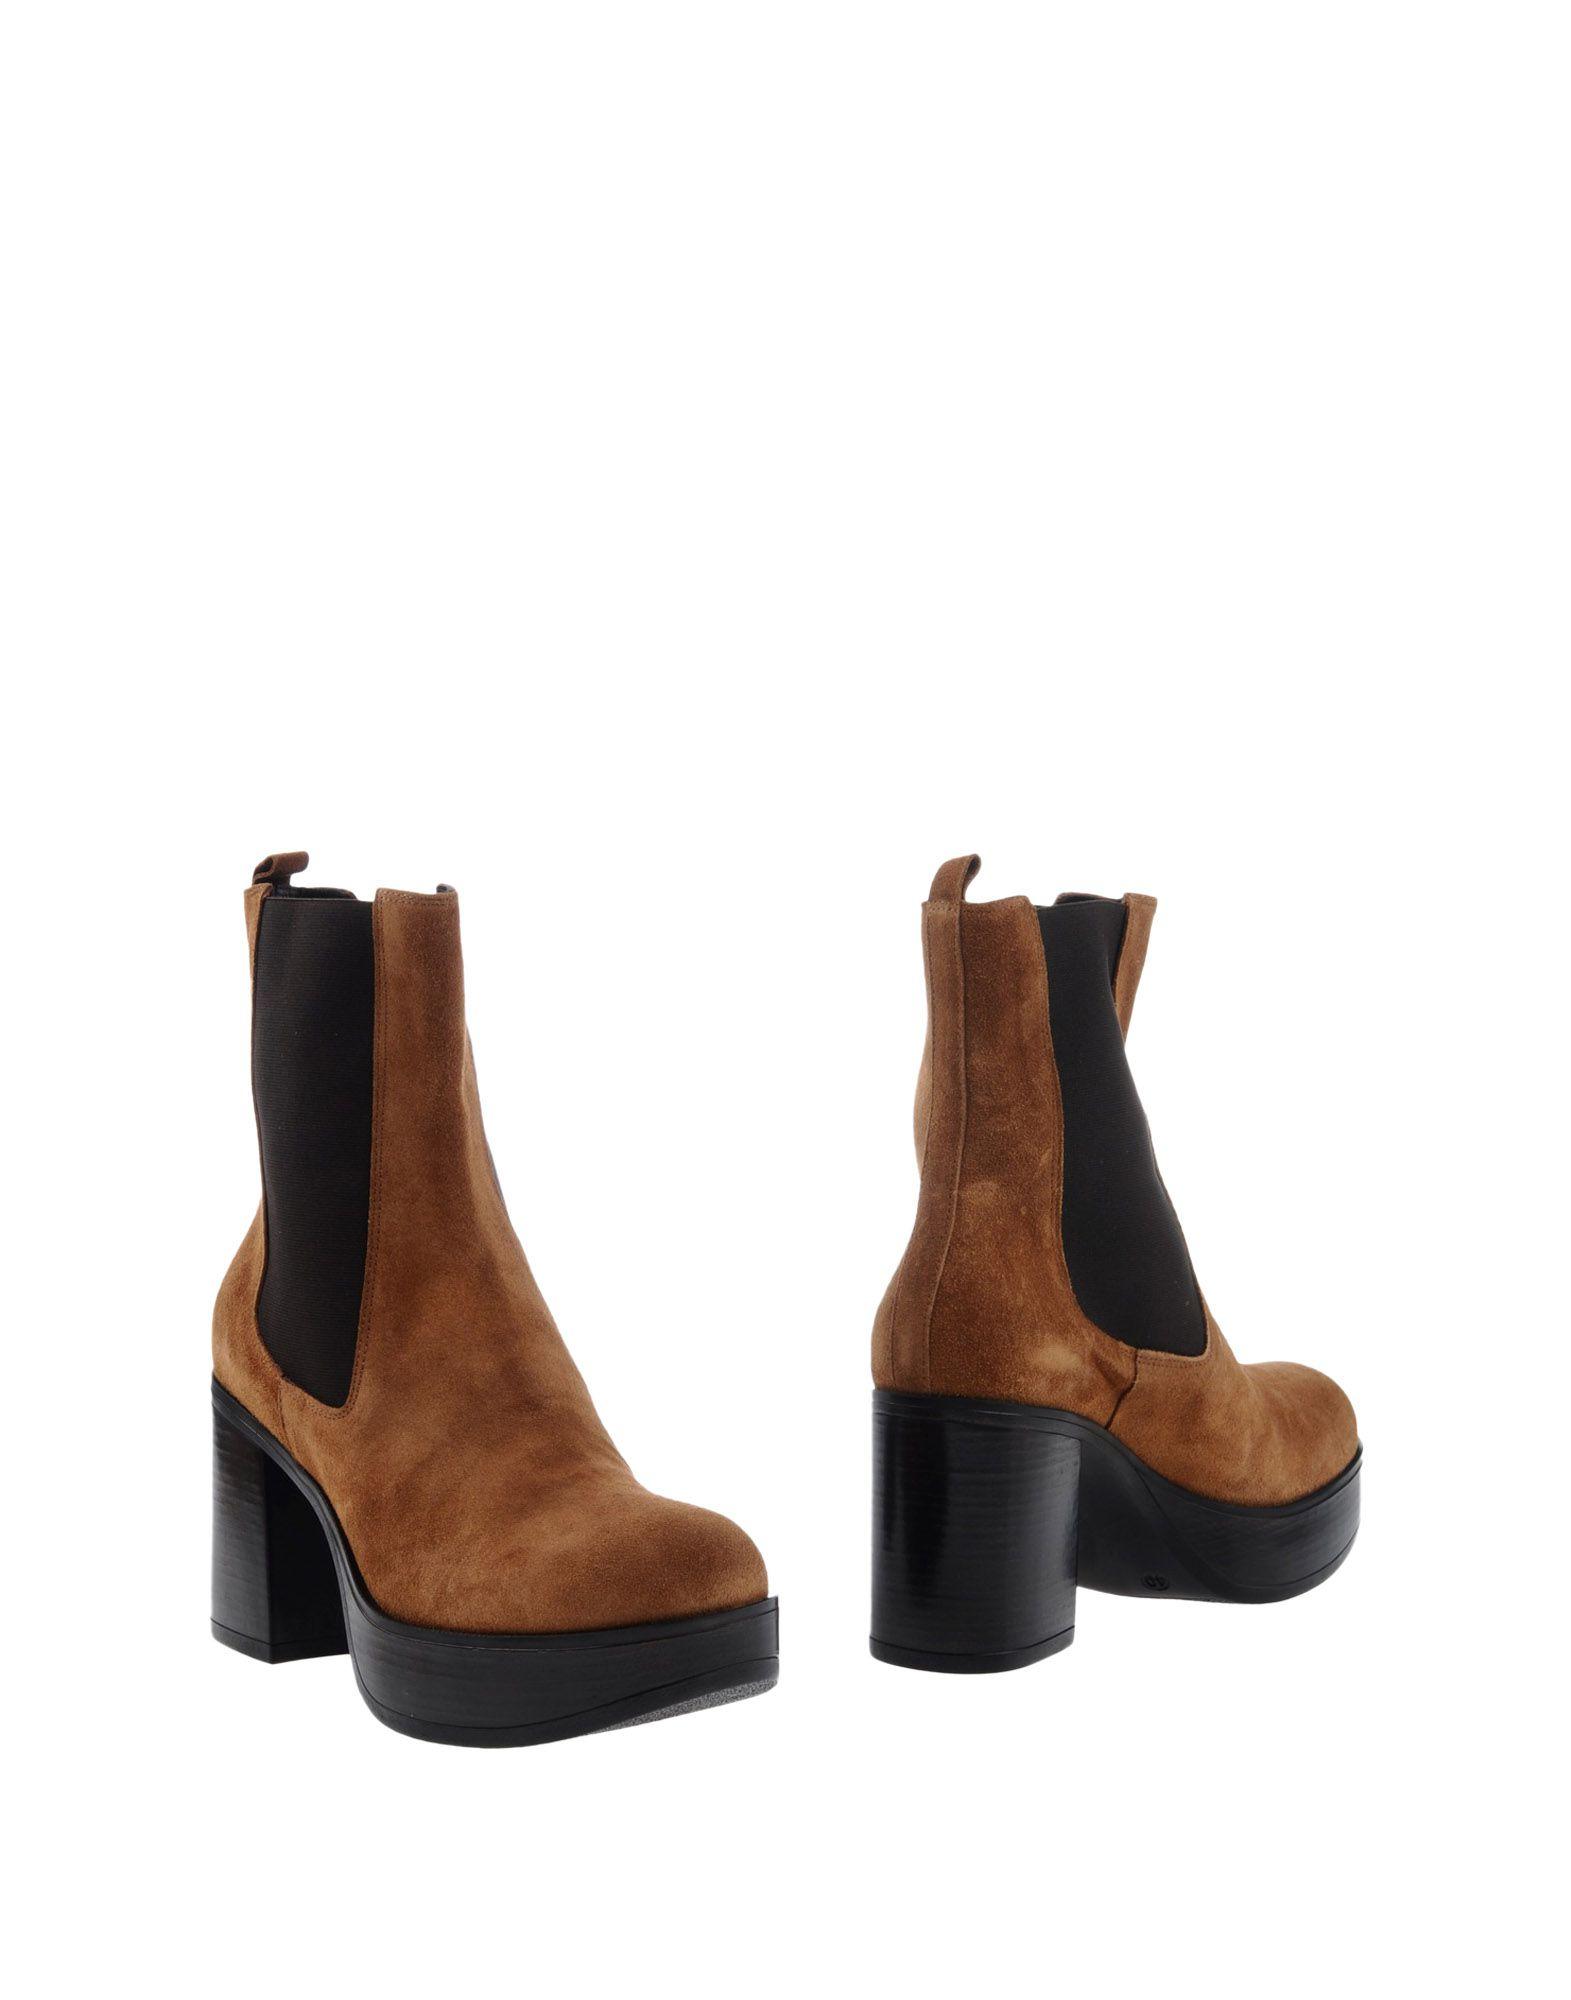 Jeannot Stiefelette Damen  11270195EE Gute Qualität beliebte Schuhe